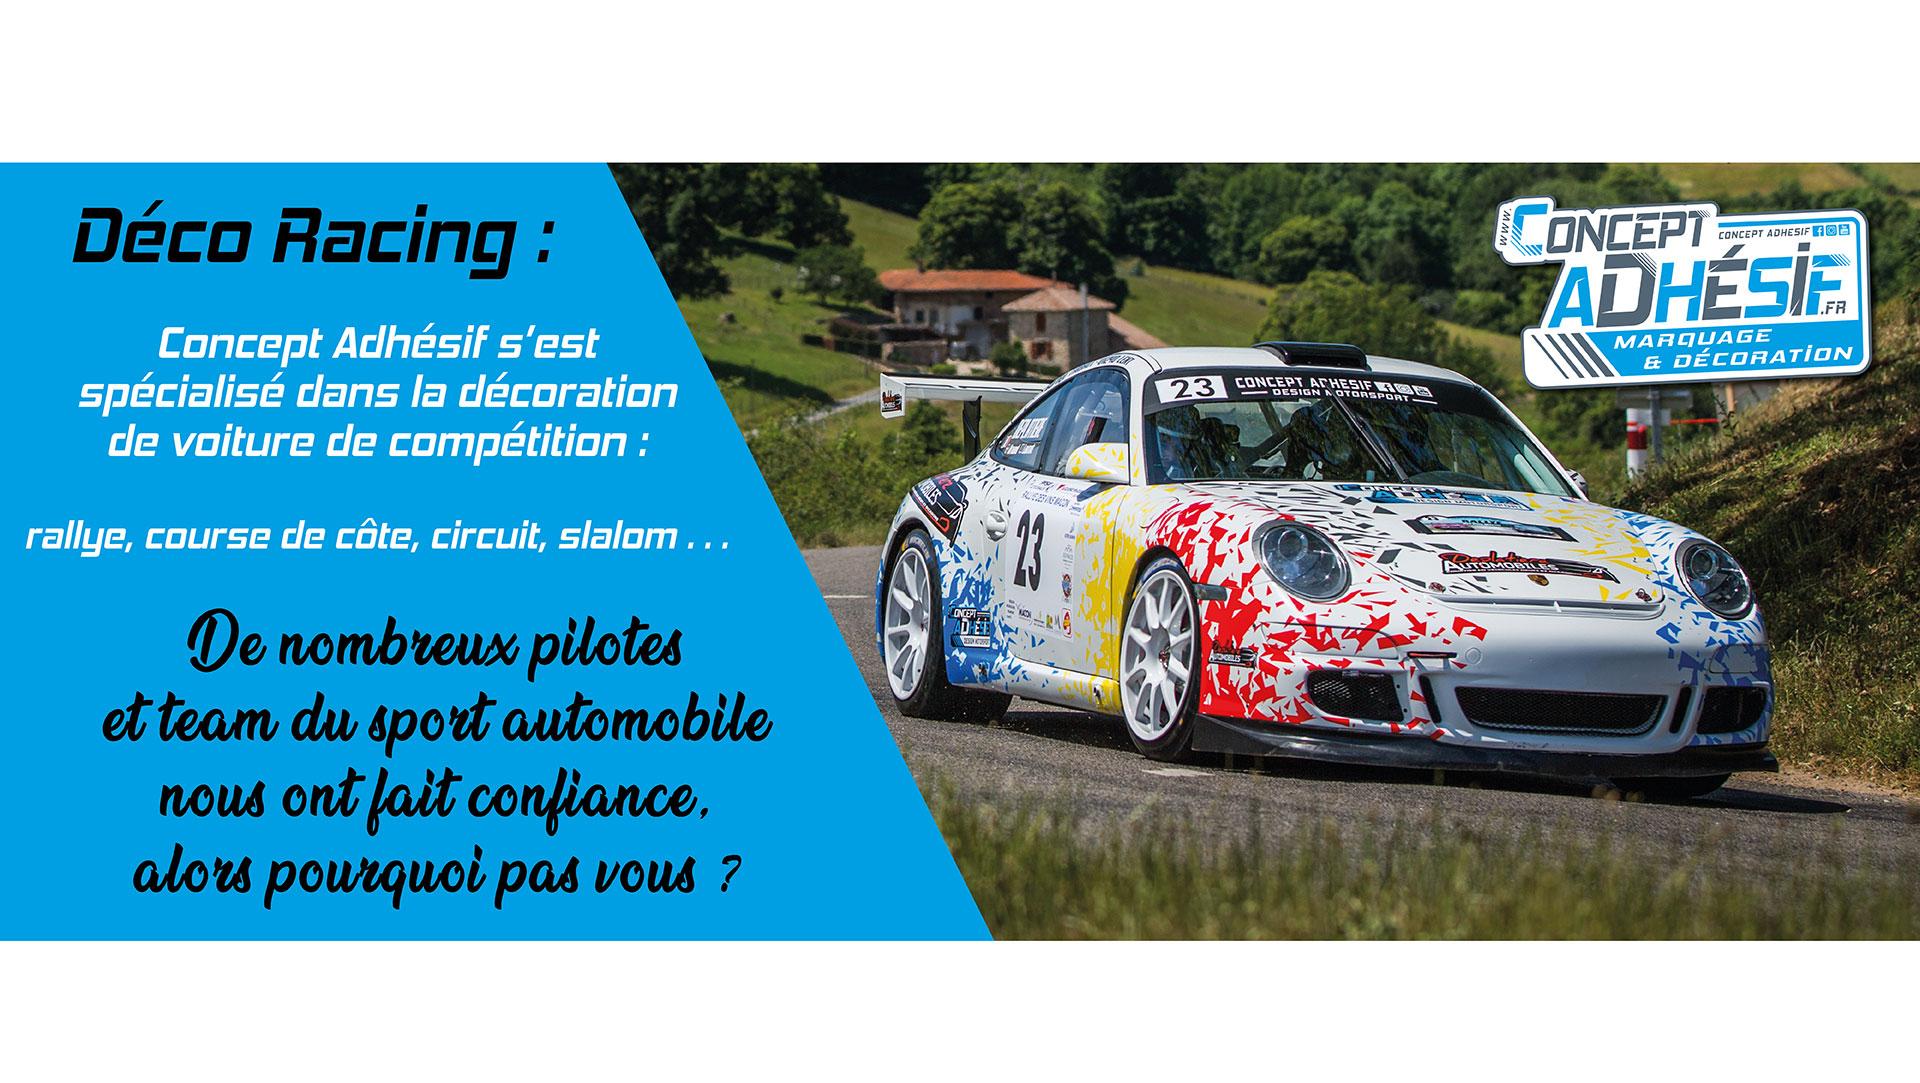 Déco Racing